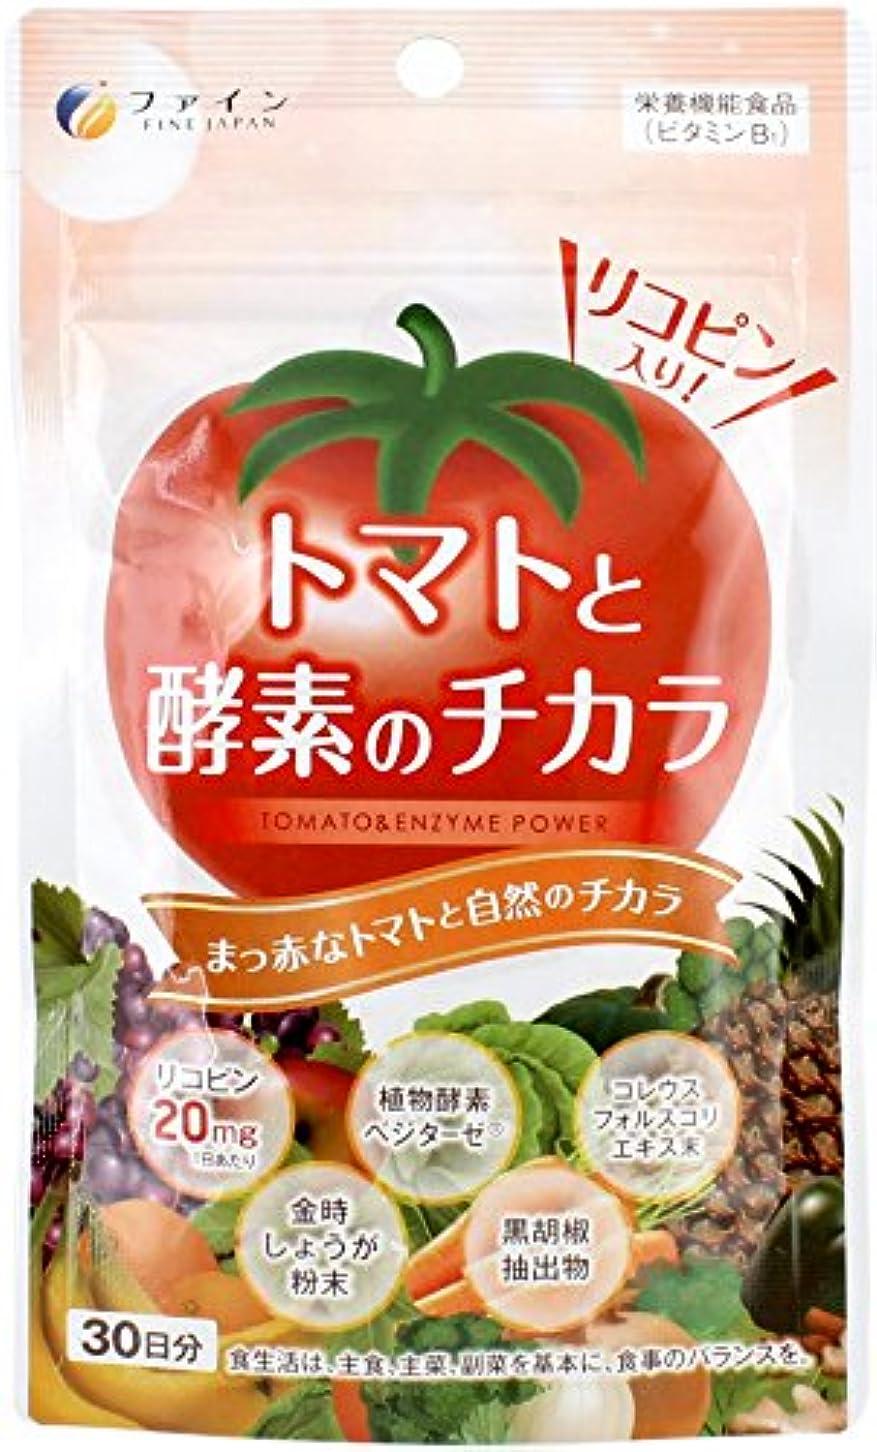 下に向けます分類するむしゃむしゃファイン トマトと酵素のチカラ 30日分(1日3粒/90粒入)